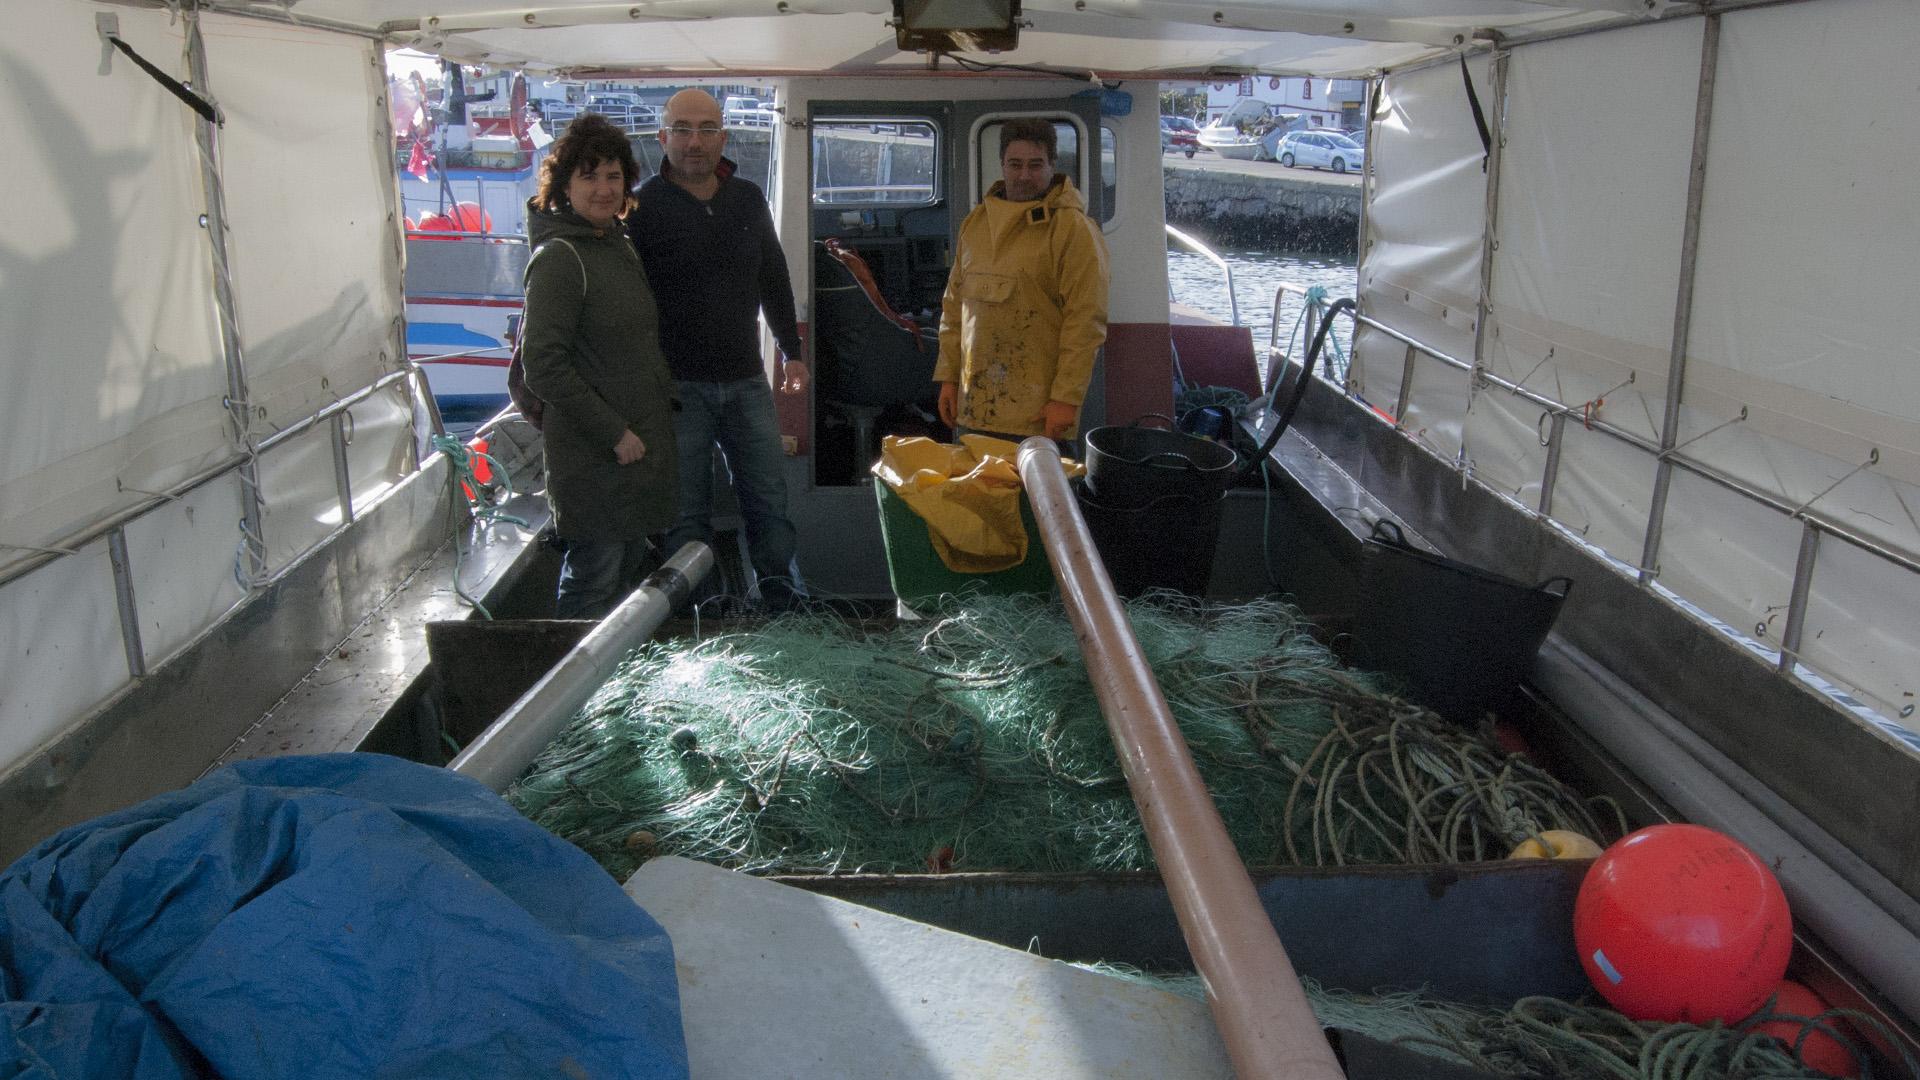 Barco de Artesans da Pesca, donde desnucan el pescado al subirlo para que no estrese./ Foto: Clara Vilar.